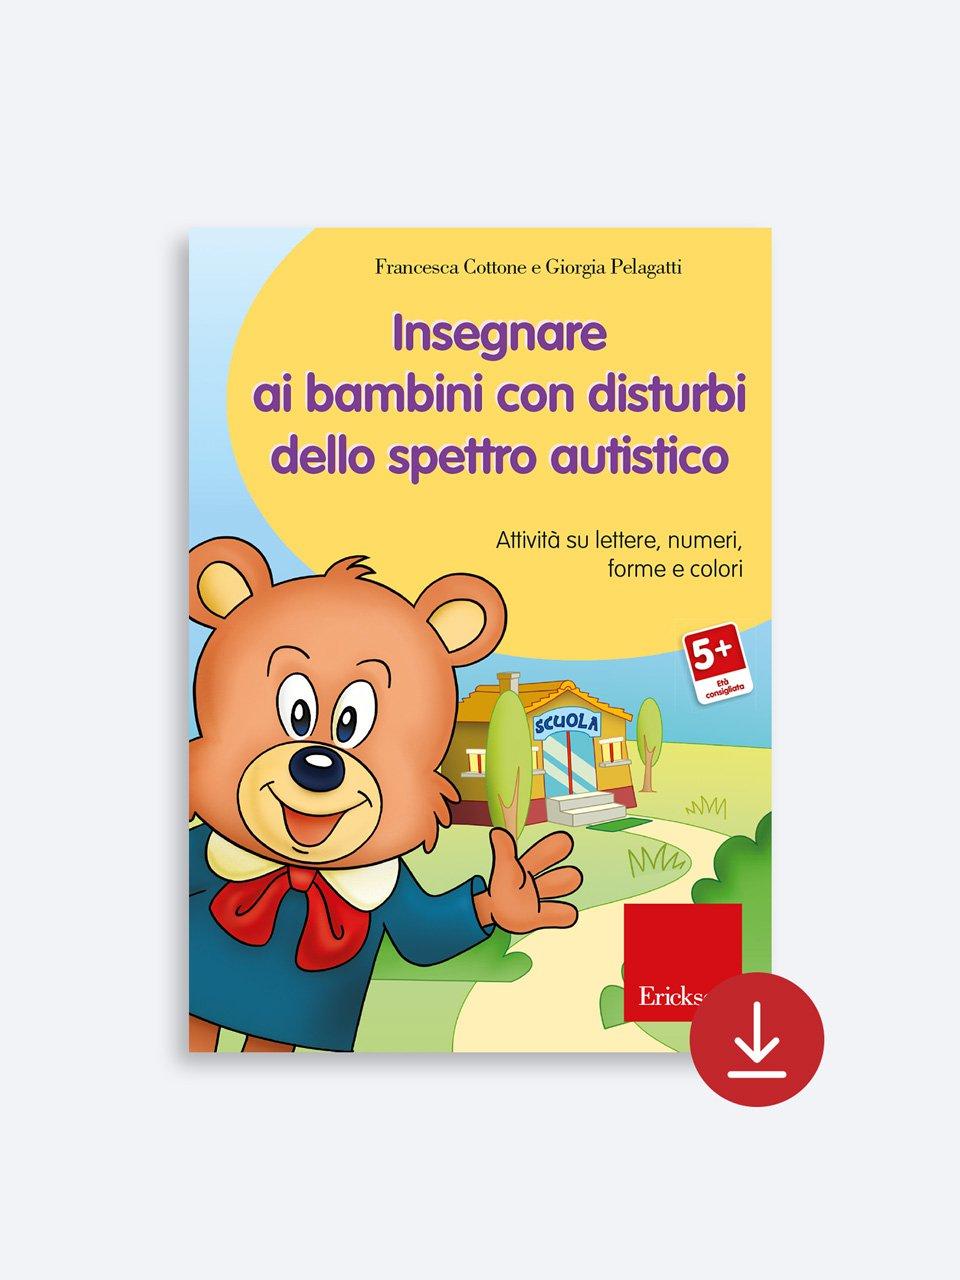 Insegnare ai bambini con disturbi dello spettro autistico - Enigmistica in gioco -  Compiti estivi - Classe qu - Libri - Erickson 2